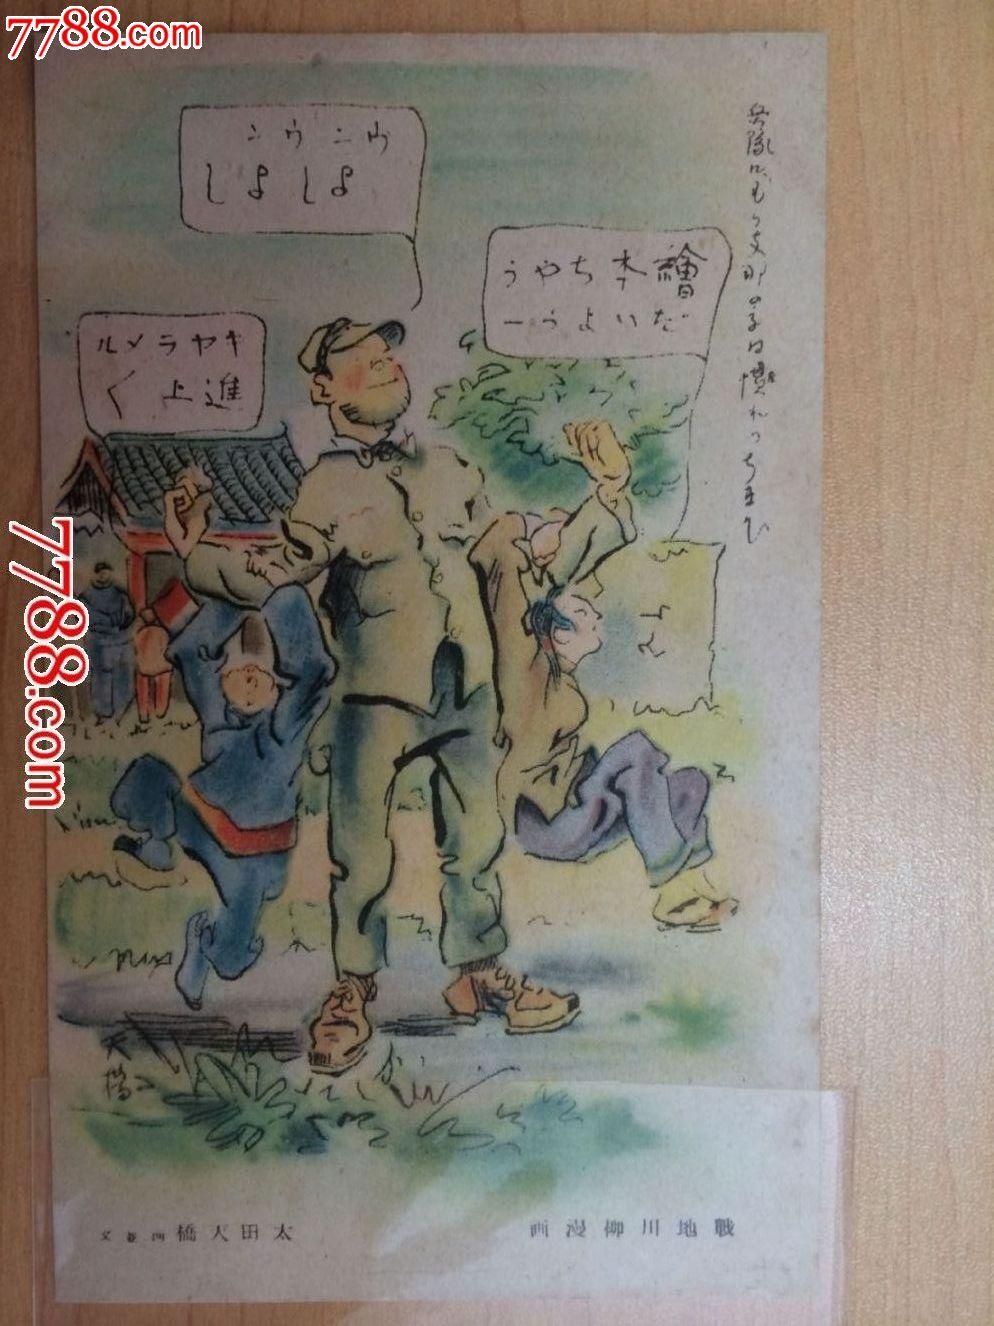 抗战时期彩色手绘漫画老明信片战地川柳漫画和日军玩耍